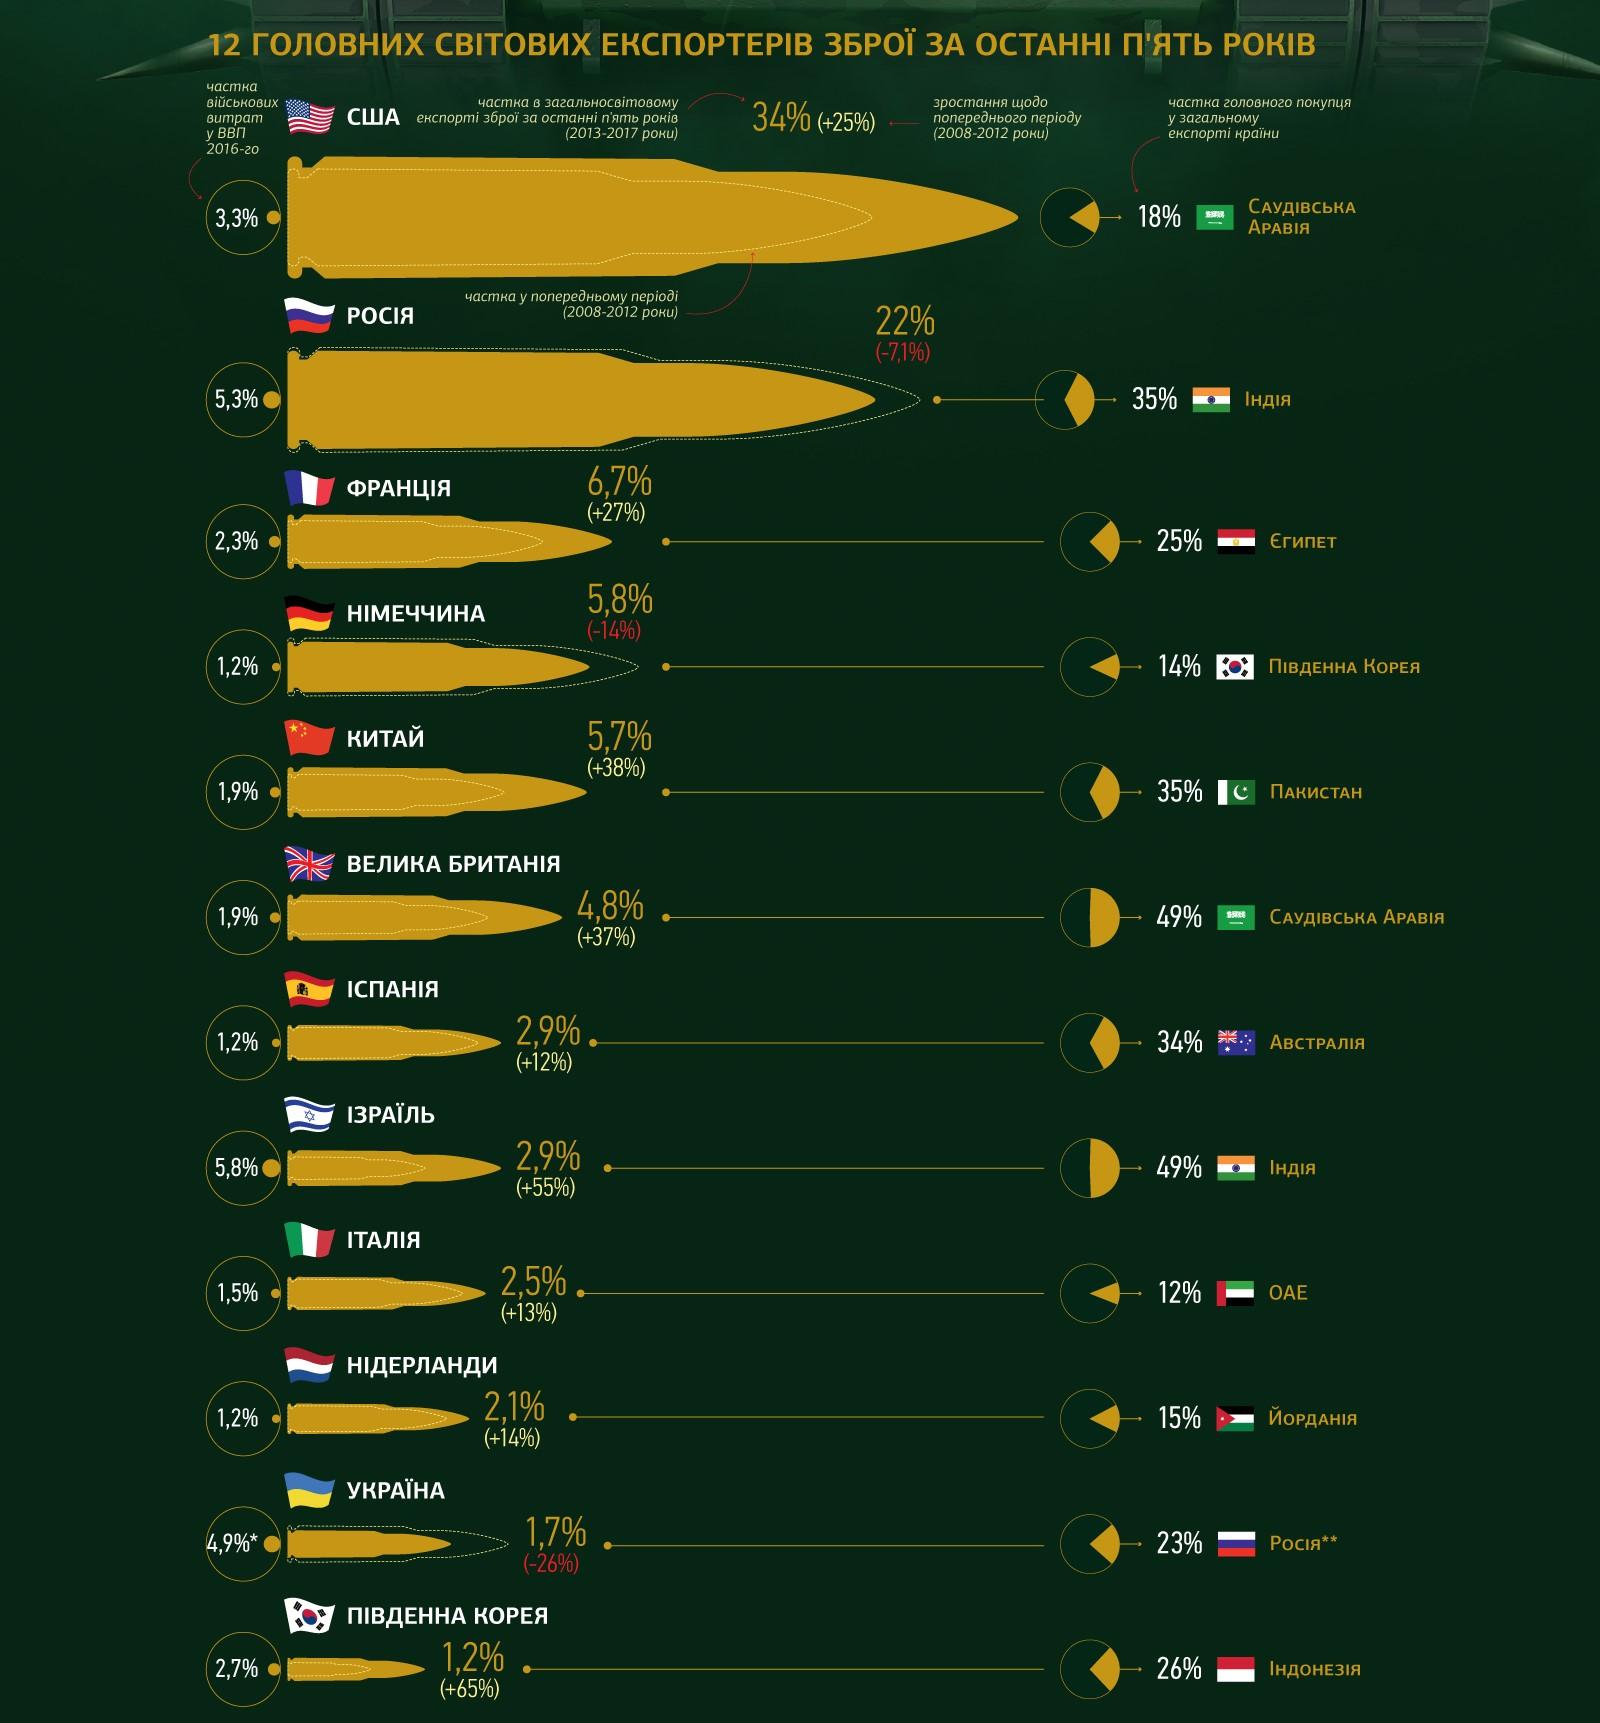 Лидерами продаж вооружения являются США, Россия и Франция. Инфографика: Новое время